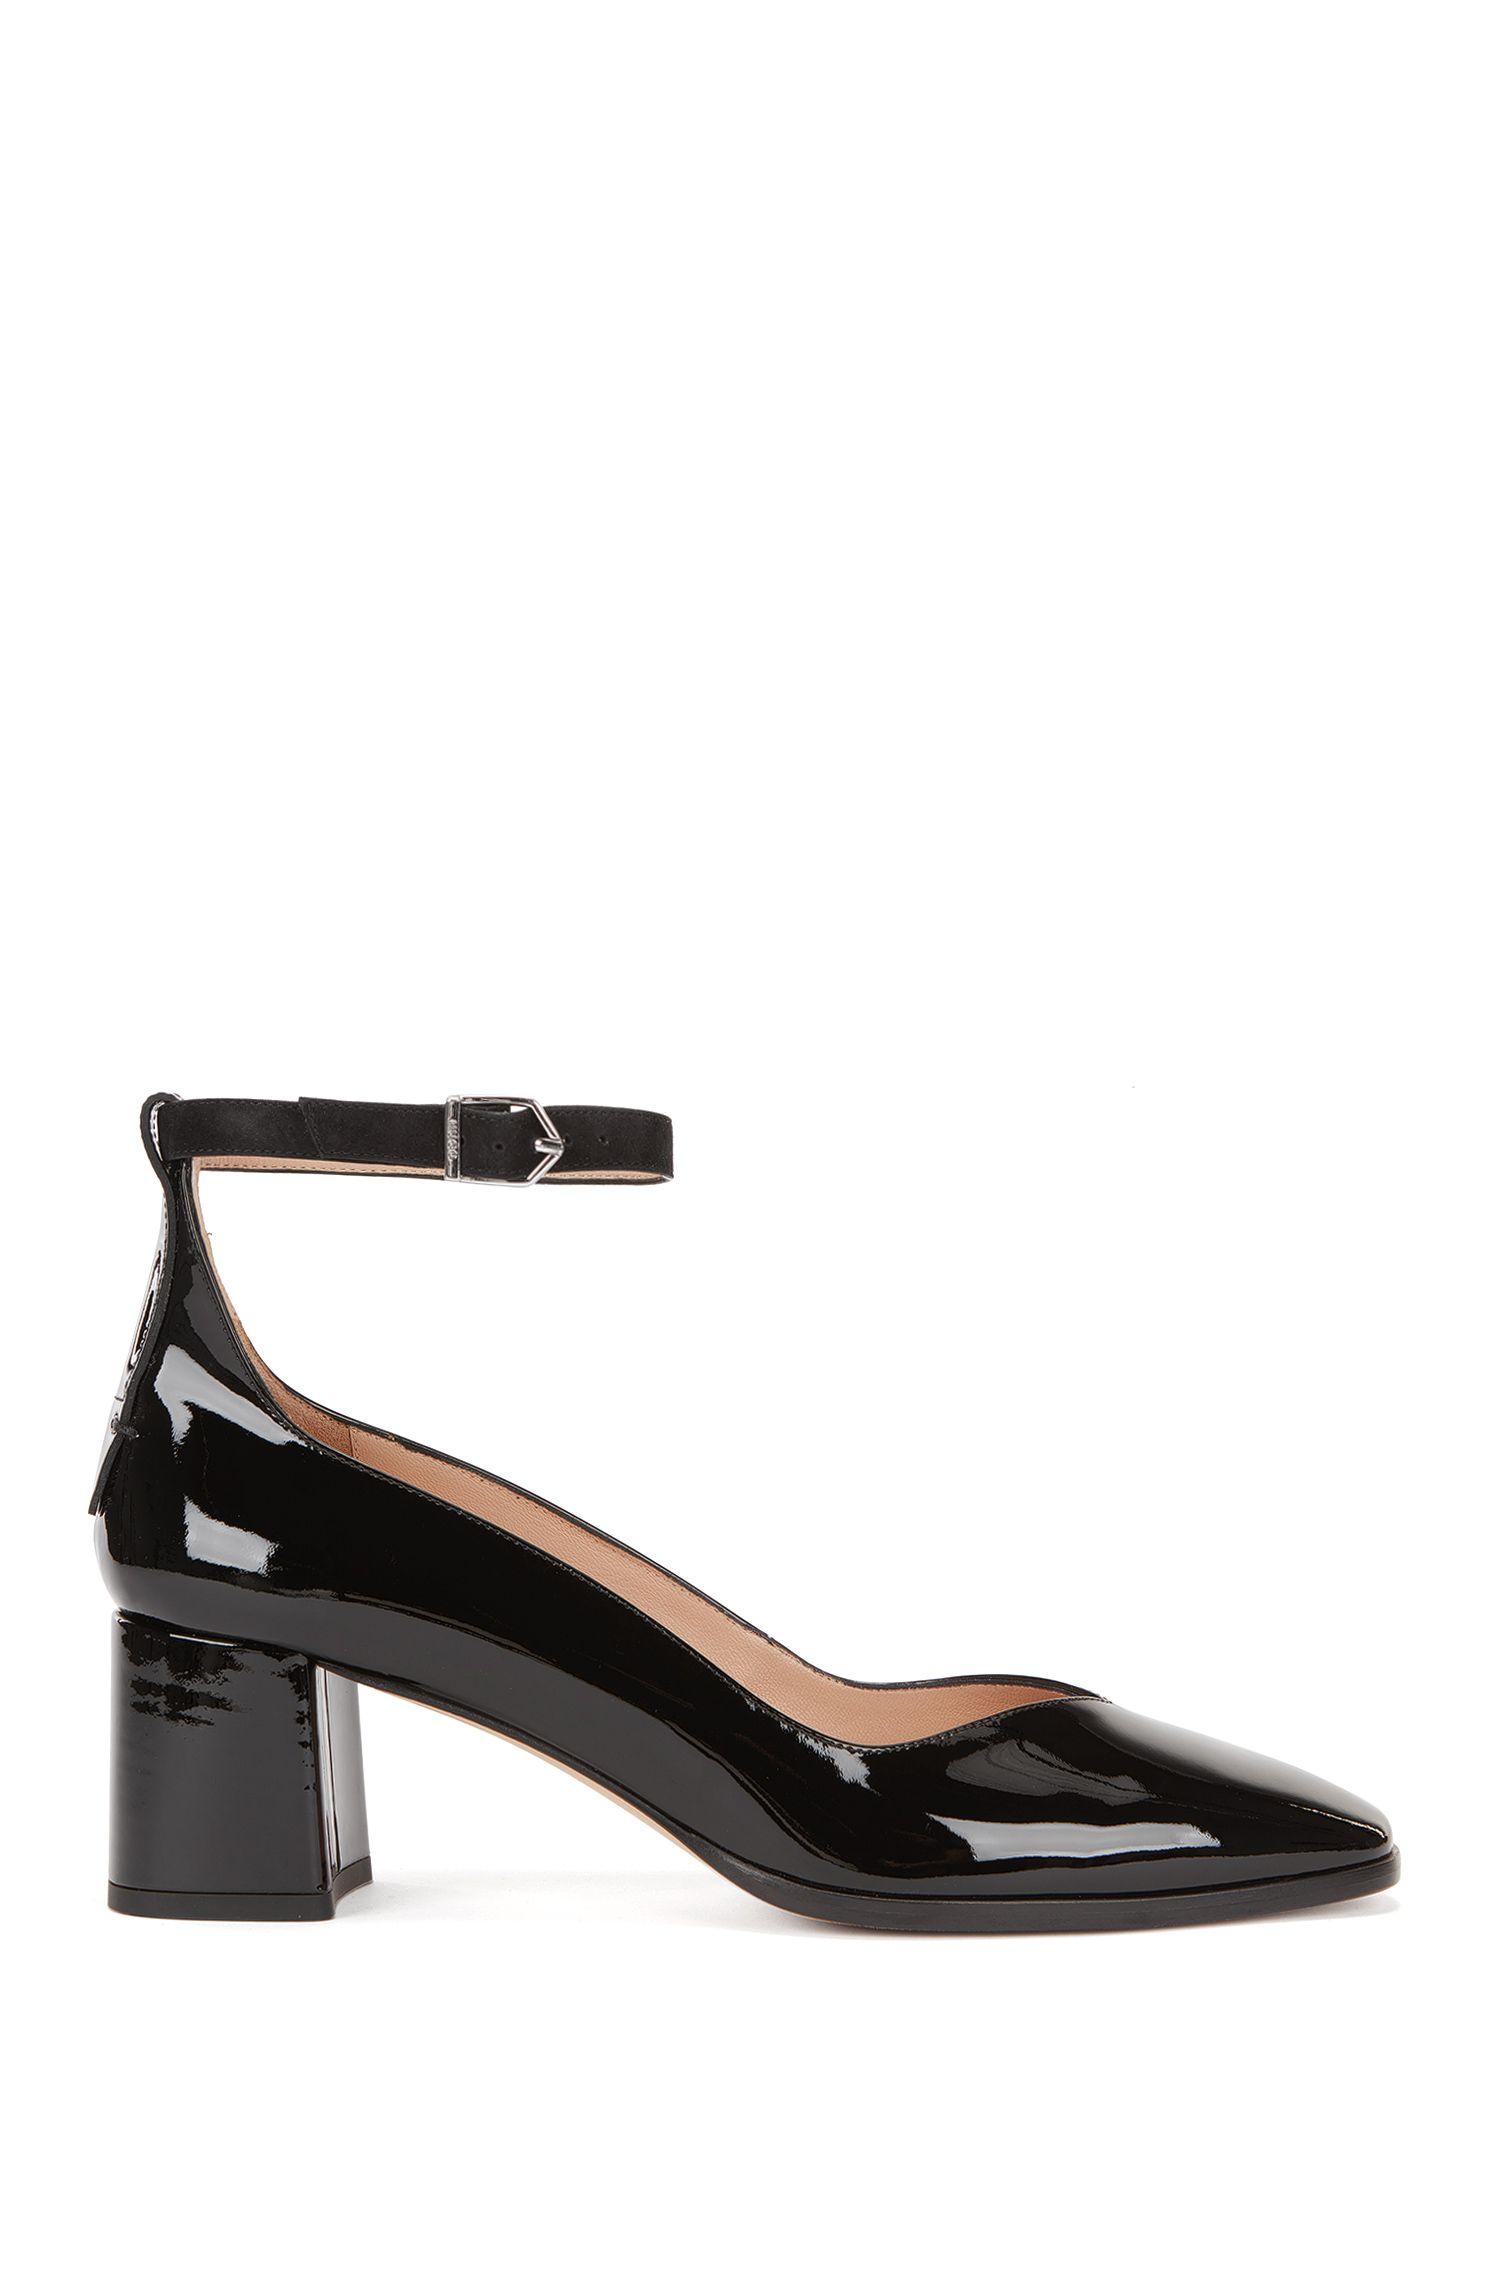 Zapatos de salón de piel con tira en el tobillo